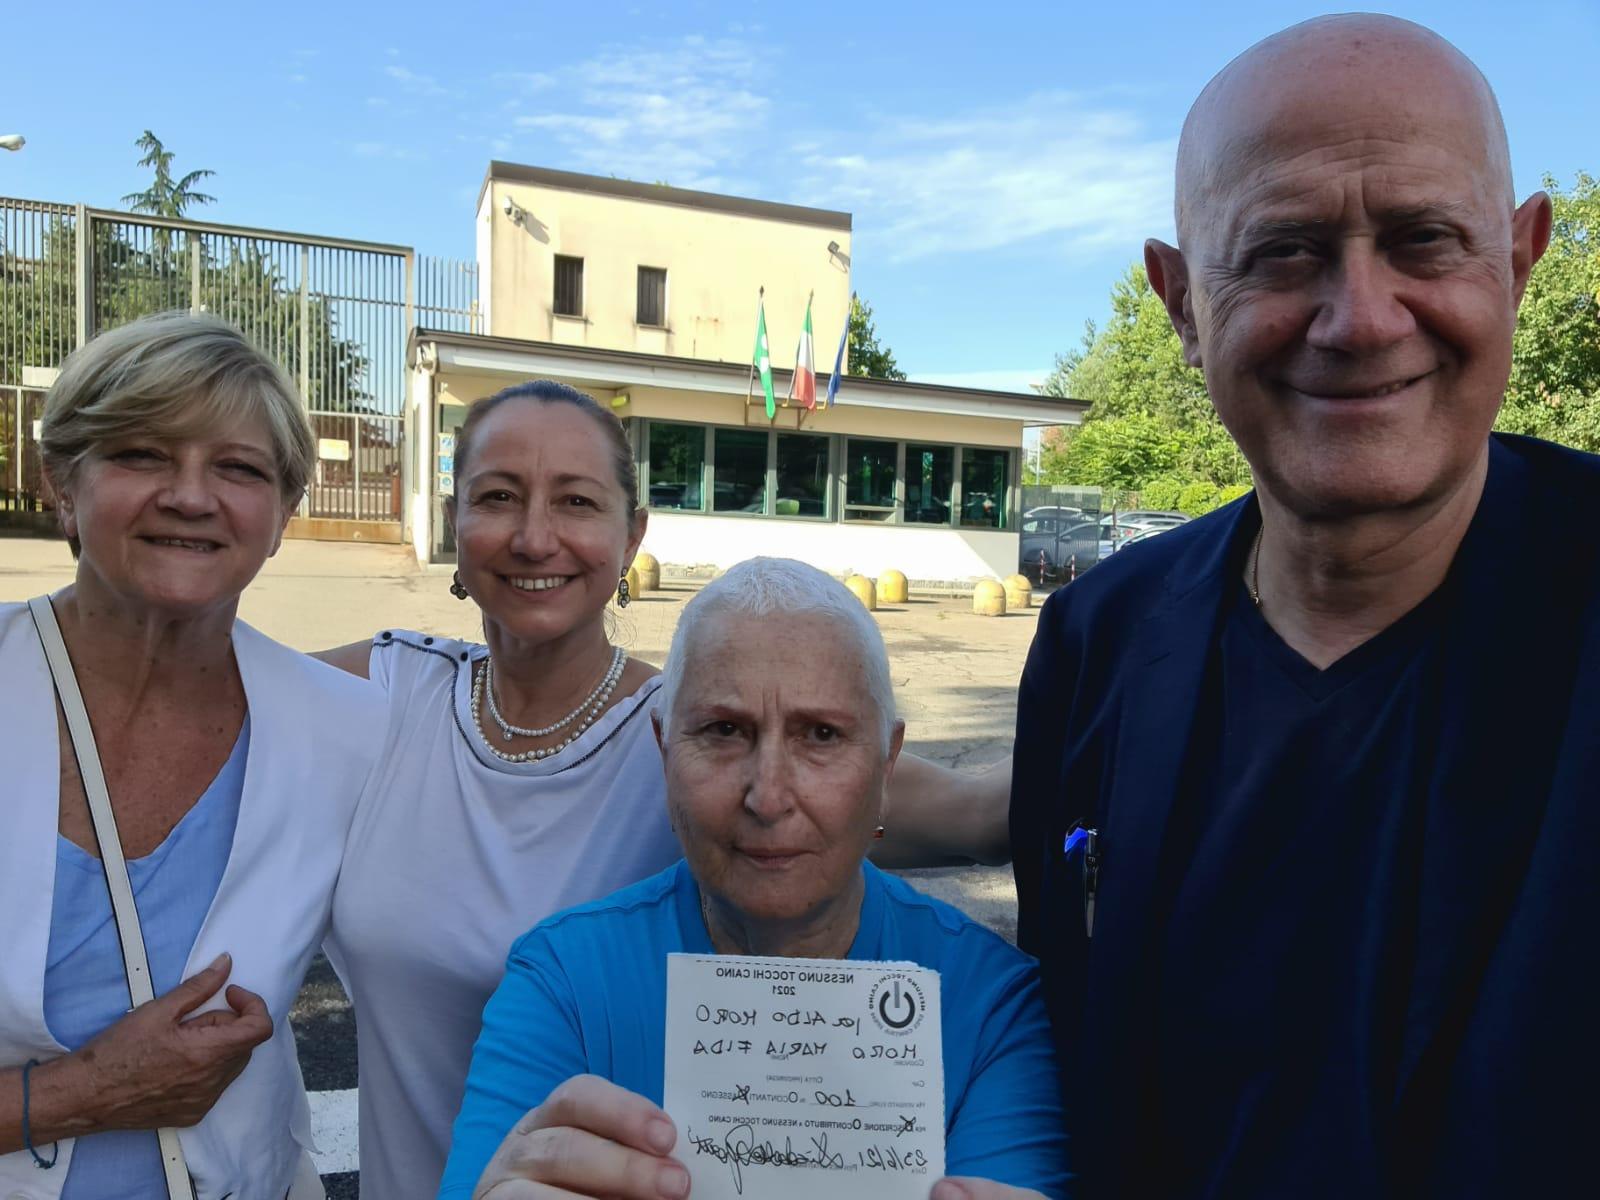 Nella foto: Rita, Elisabetta, Sergio e Maria Fida il 23 gjugno 2021 davanti il carcere di Opera (Milano) alle 18 circa